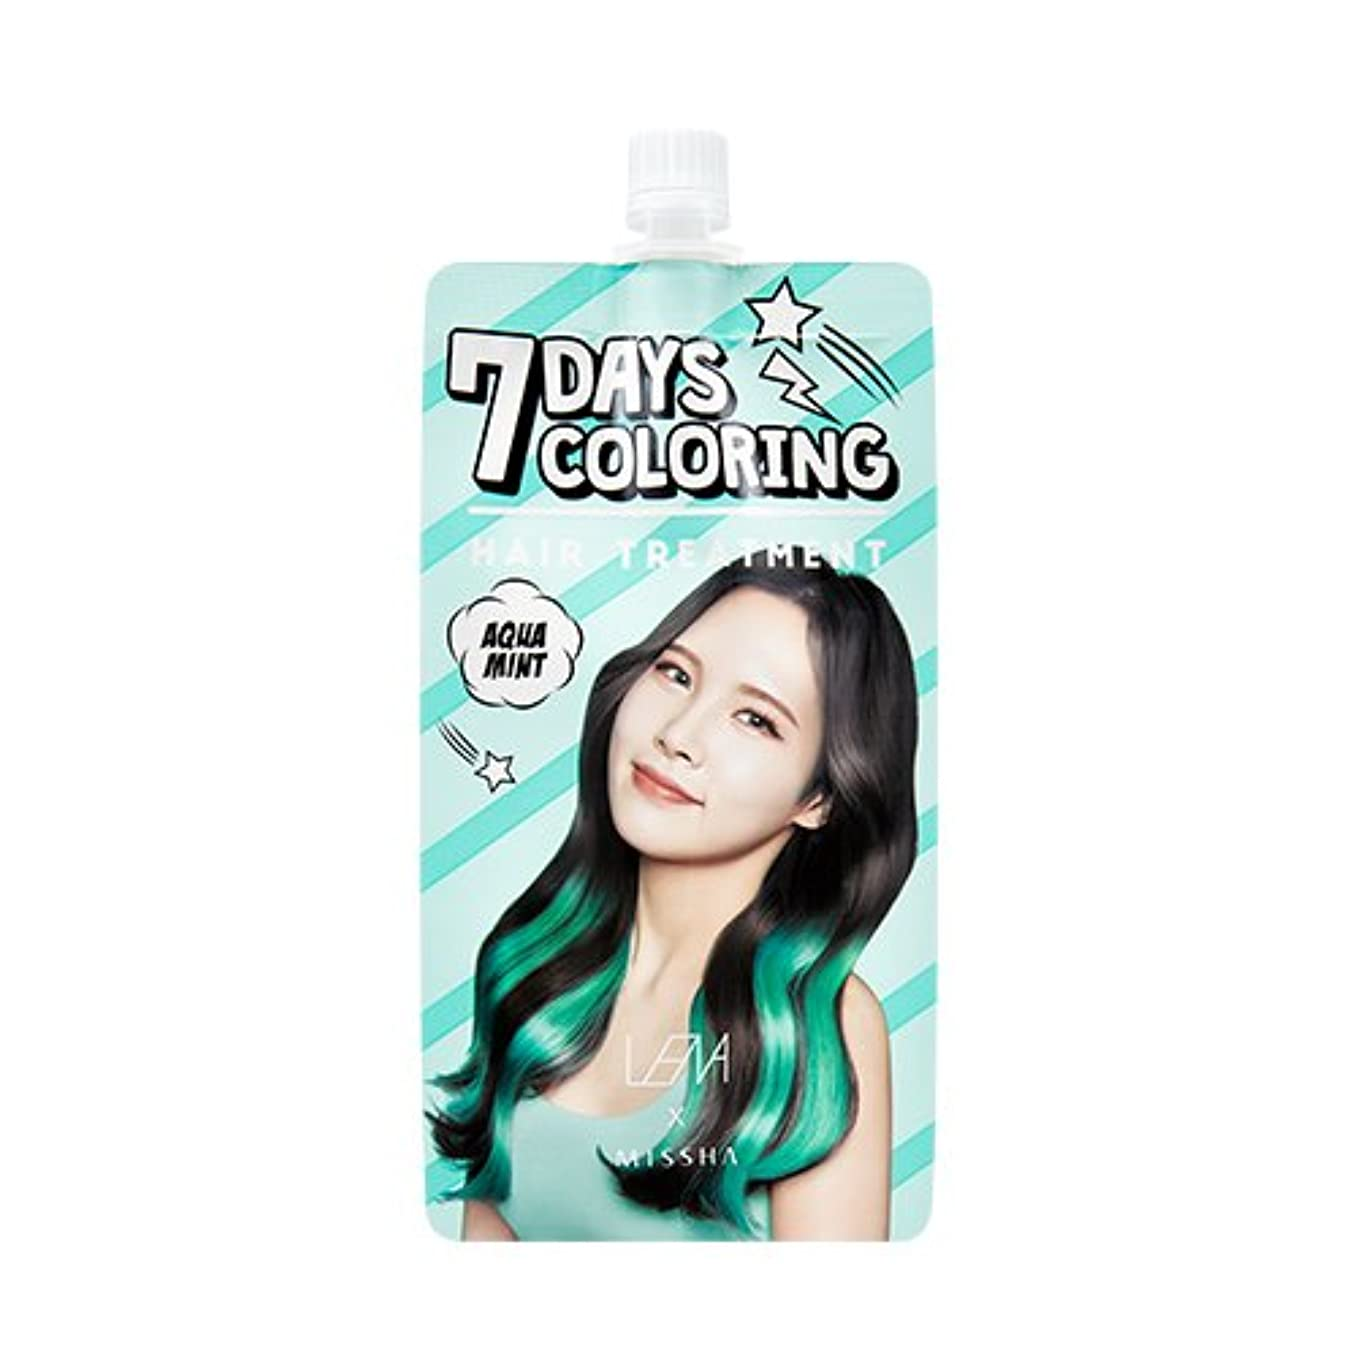 雪だるまを作る海峡ひも球状MISSHA Seven Days Coloring Hair Treatment #Aquamint -LENA Edition /ミシャ セブンデイズカラーリングヘアトリートメント - レナエディション (アクアミント...